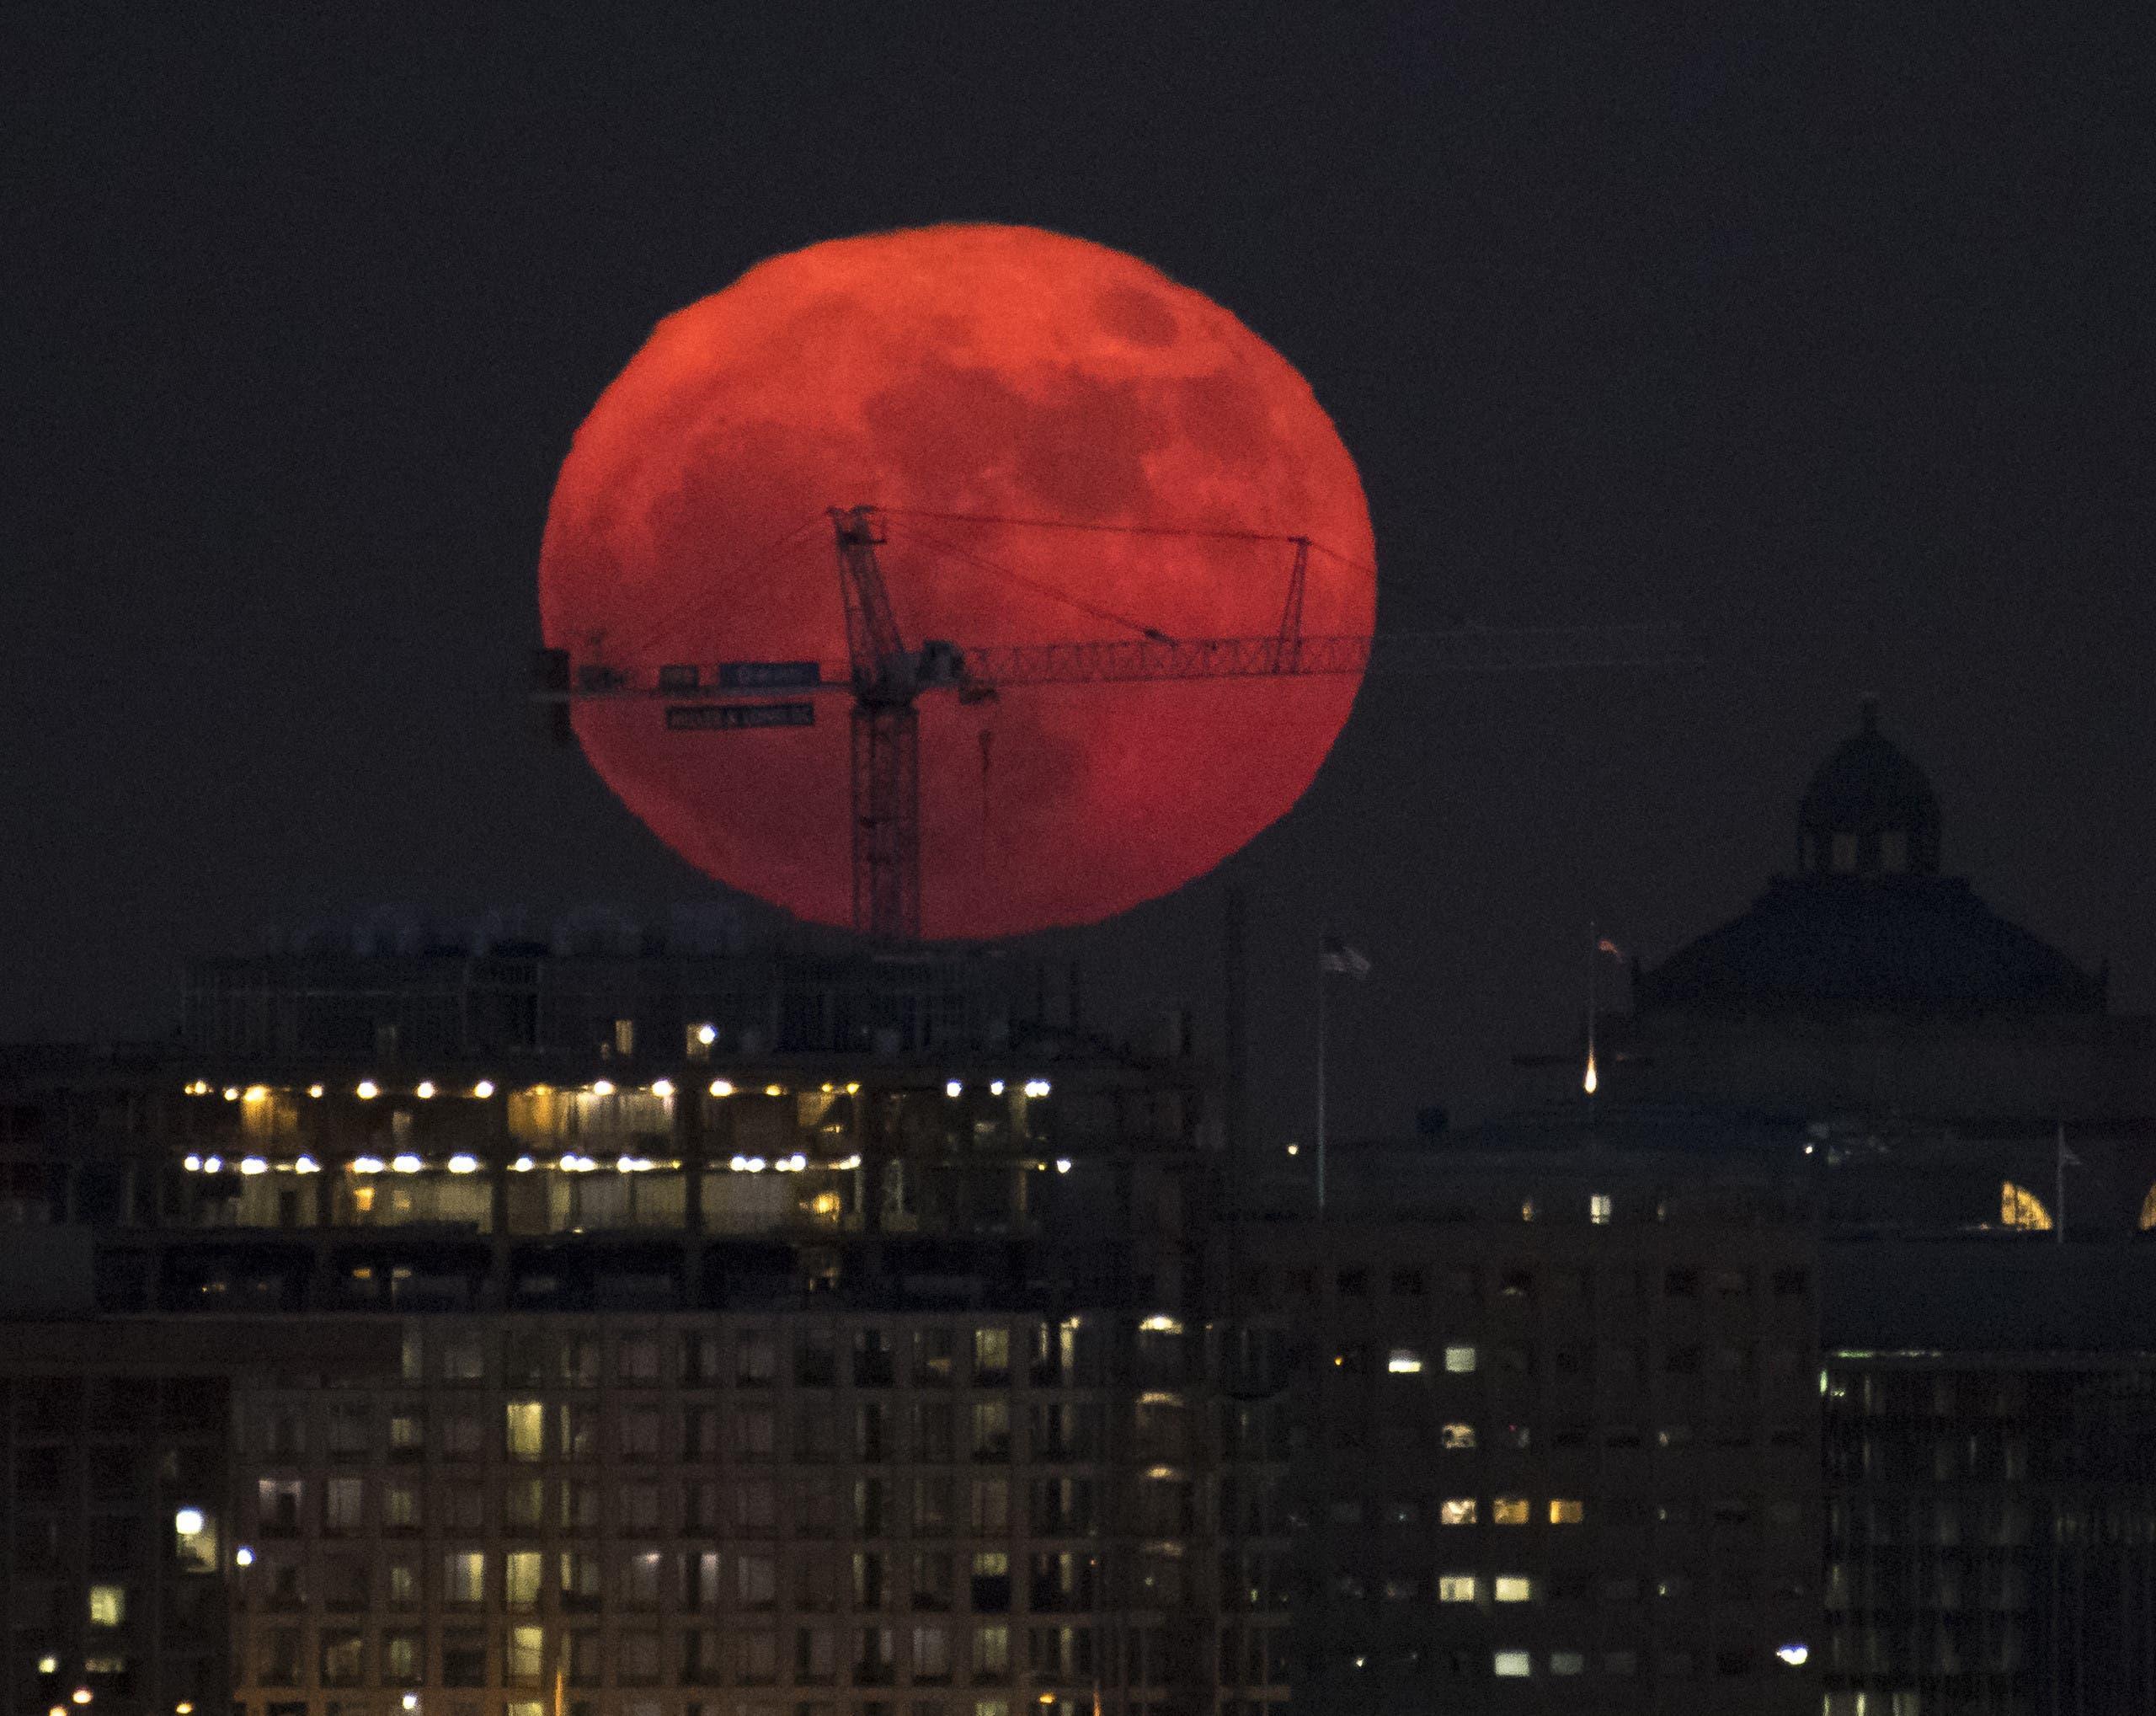 القمر في سماء واشنطن